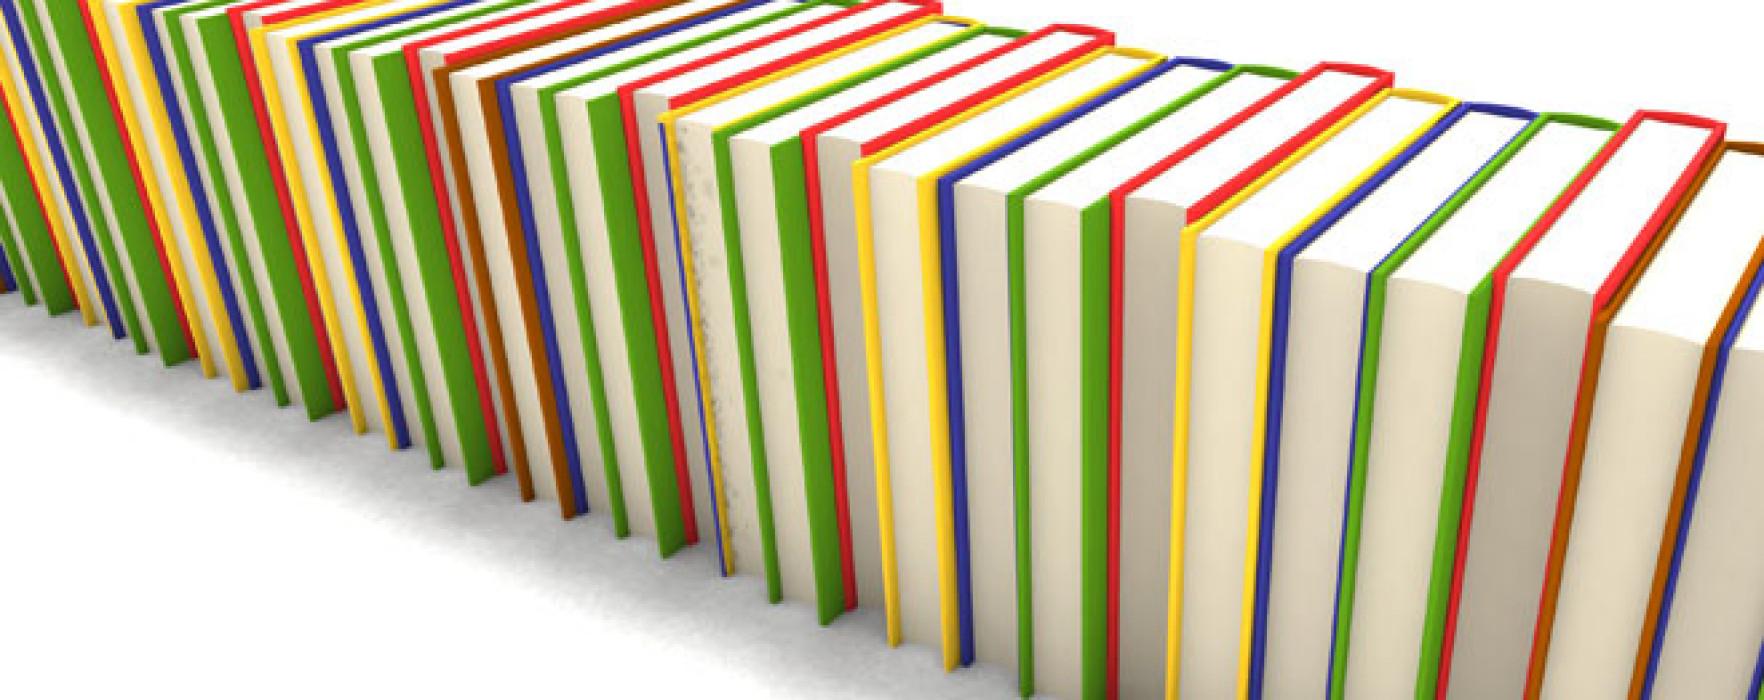 Alla libreria luccalibri caffe letterario presentato un for Libri scuola